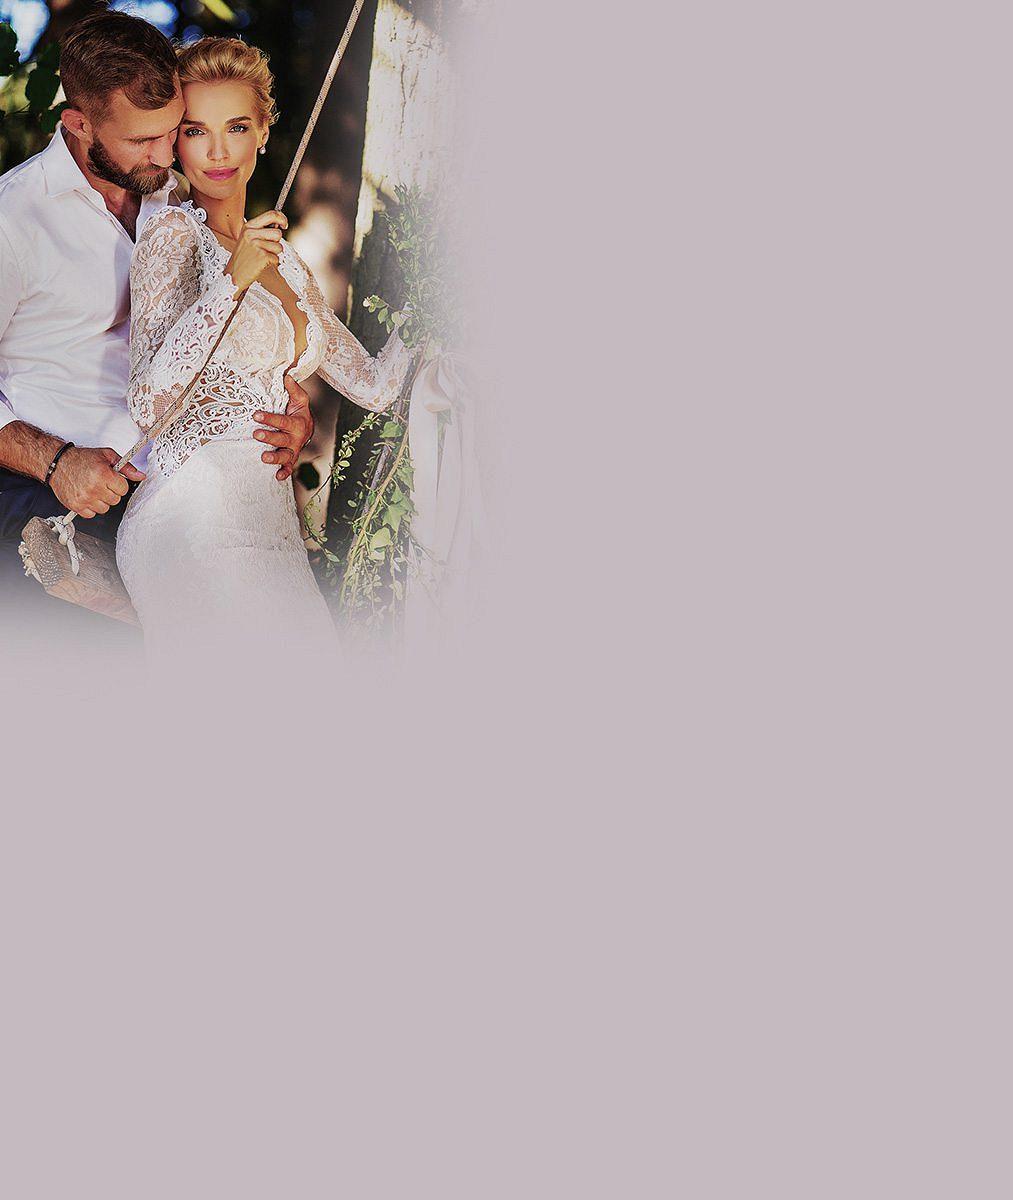 Takhle to Hance Mašlíkové slušelo ve svatebkách: Výstřih měla opravdu luxusní!